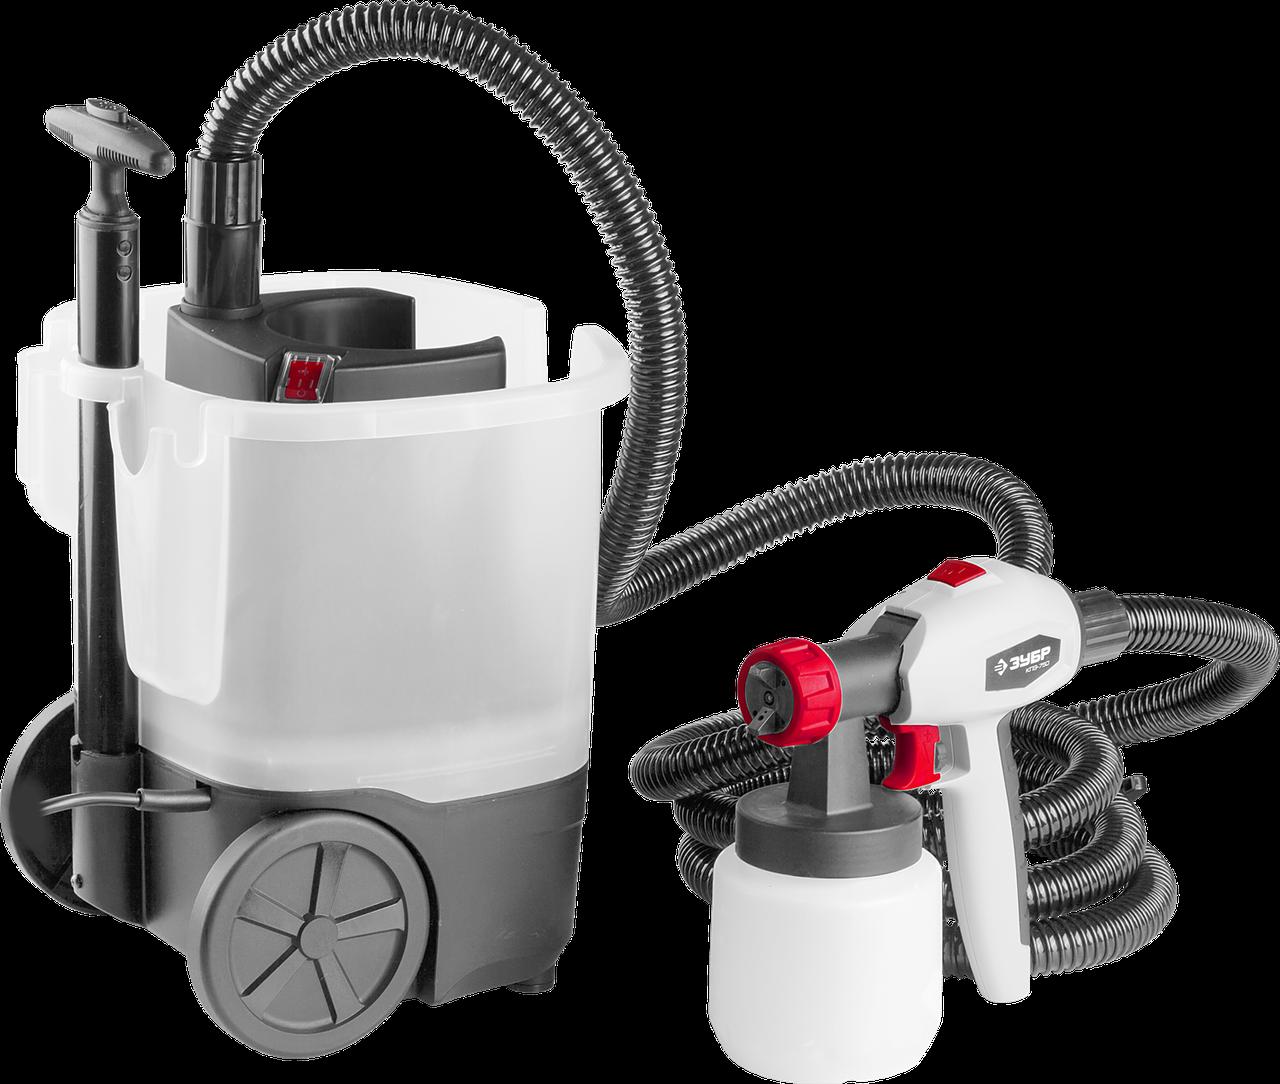 Краскопульт (краскораспылитель) электрич, ЗУБР КПЭ-750, HVLP, 0.8л, краскоперенос 0-800мл/мин,вязкость краски